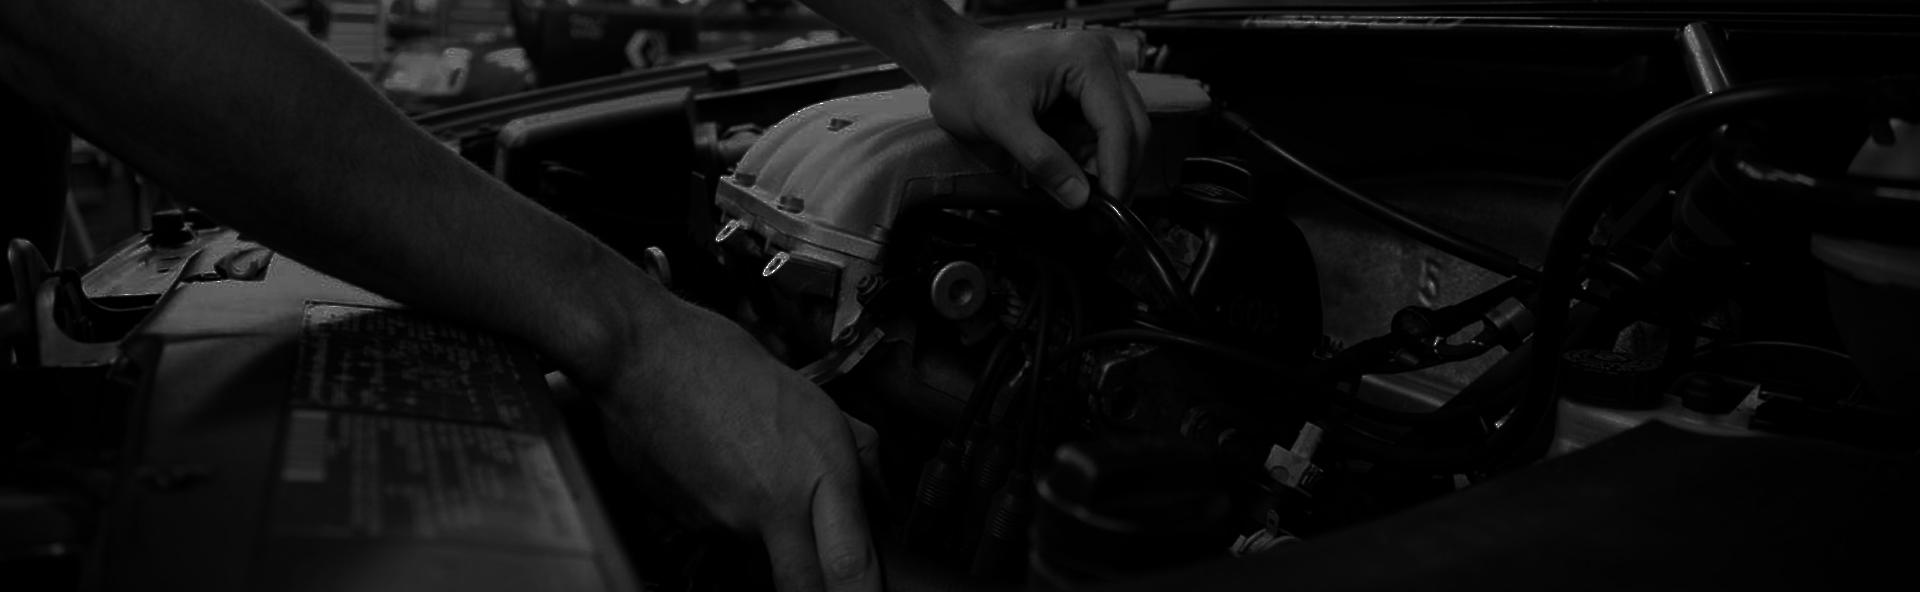 servicing-repairs